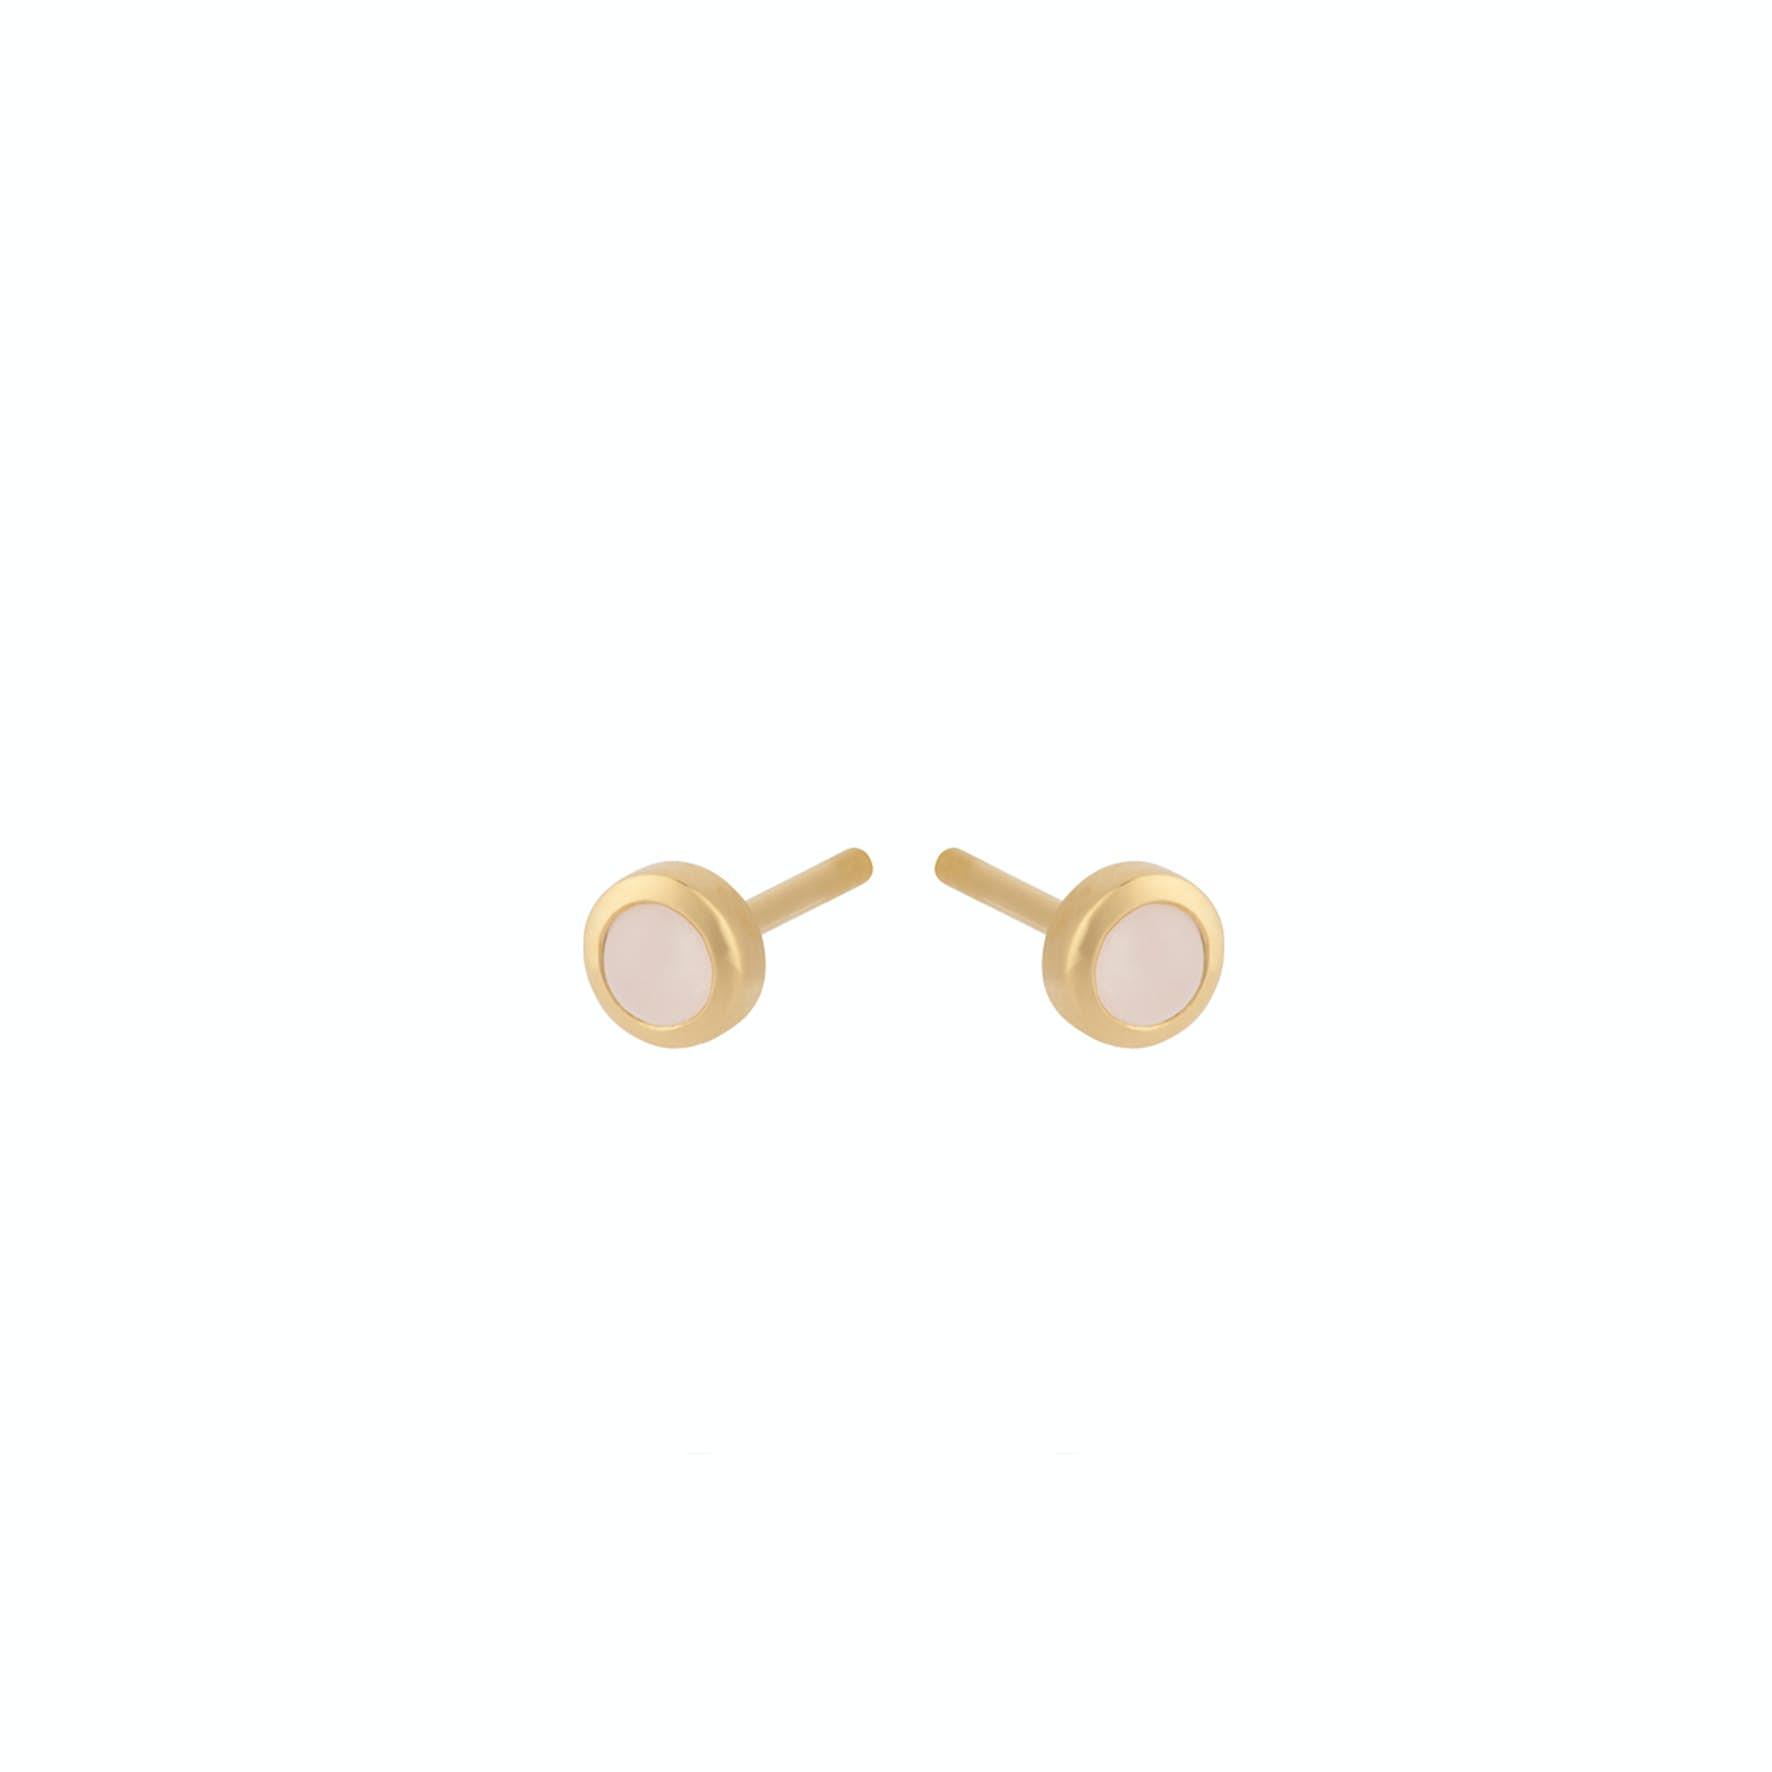 Shine Rose Earsticks von Pernille Corydon in Vergoldet-Silber Sterling 925